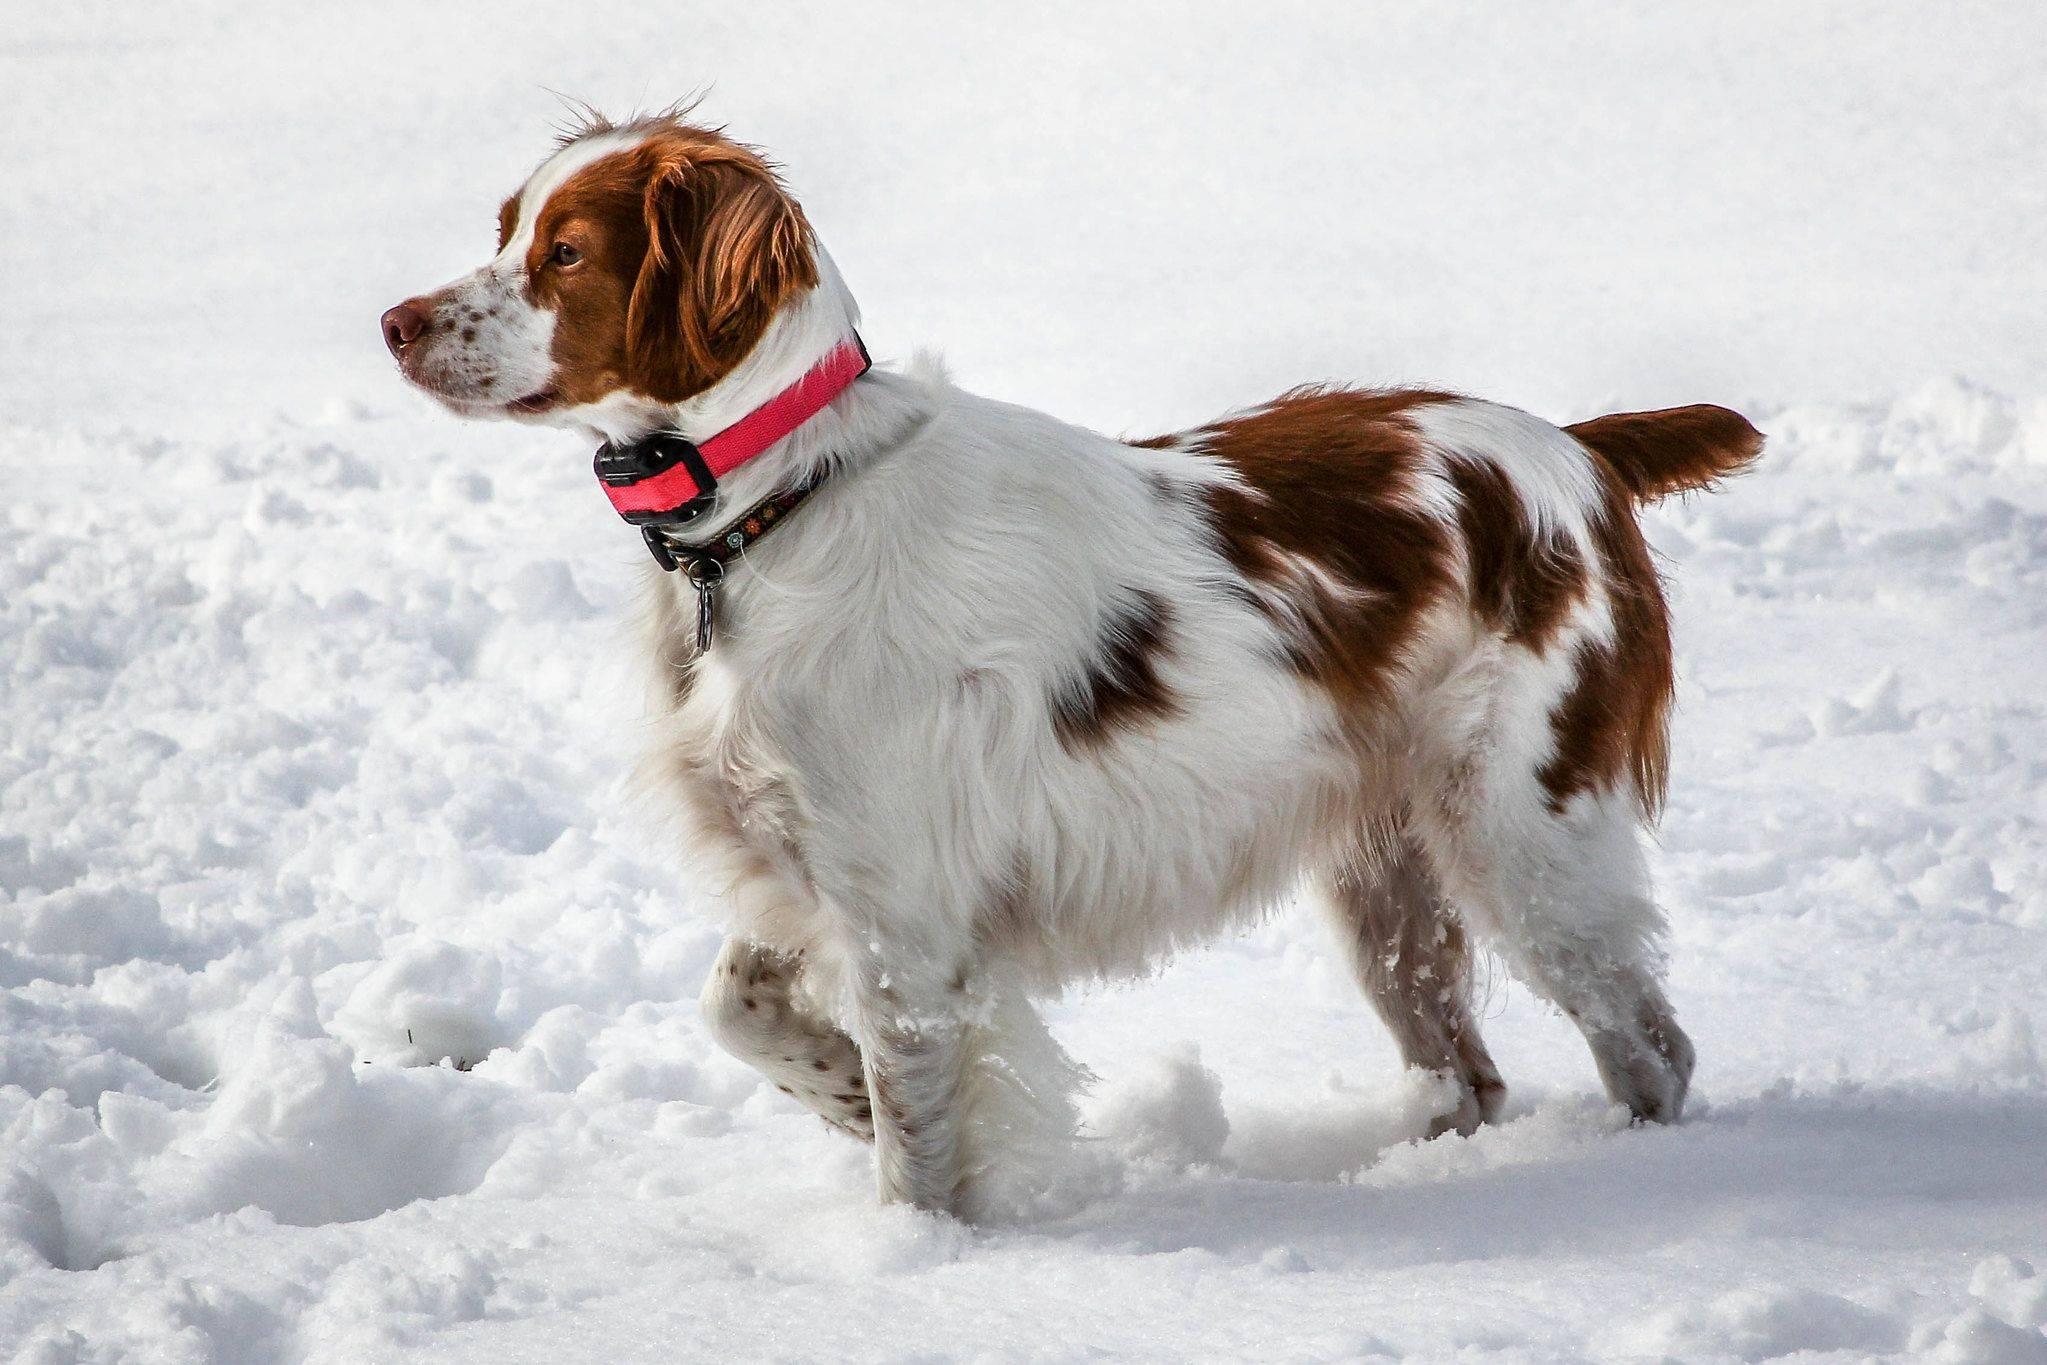 Бретонский эпаньоль: описание породы собак, содержание и уход